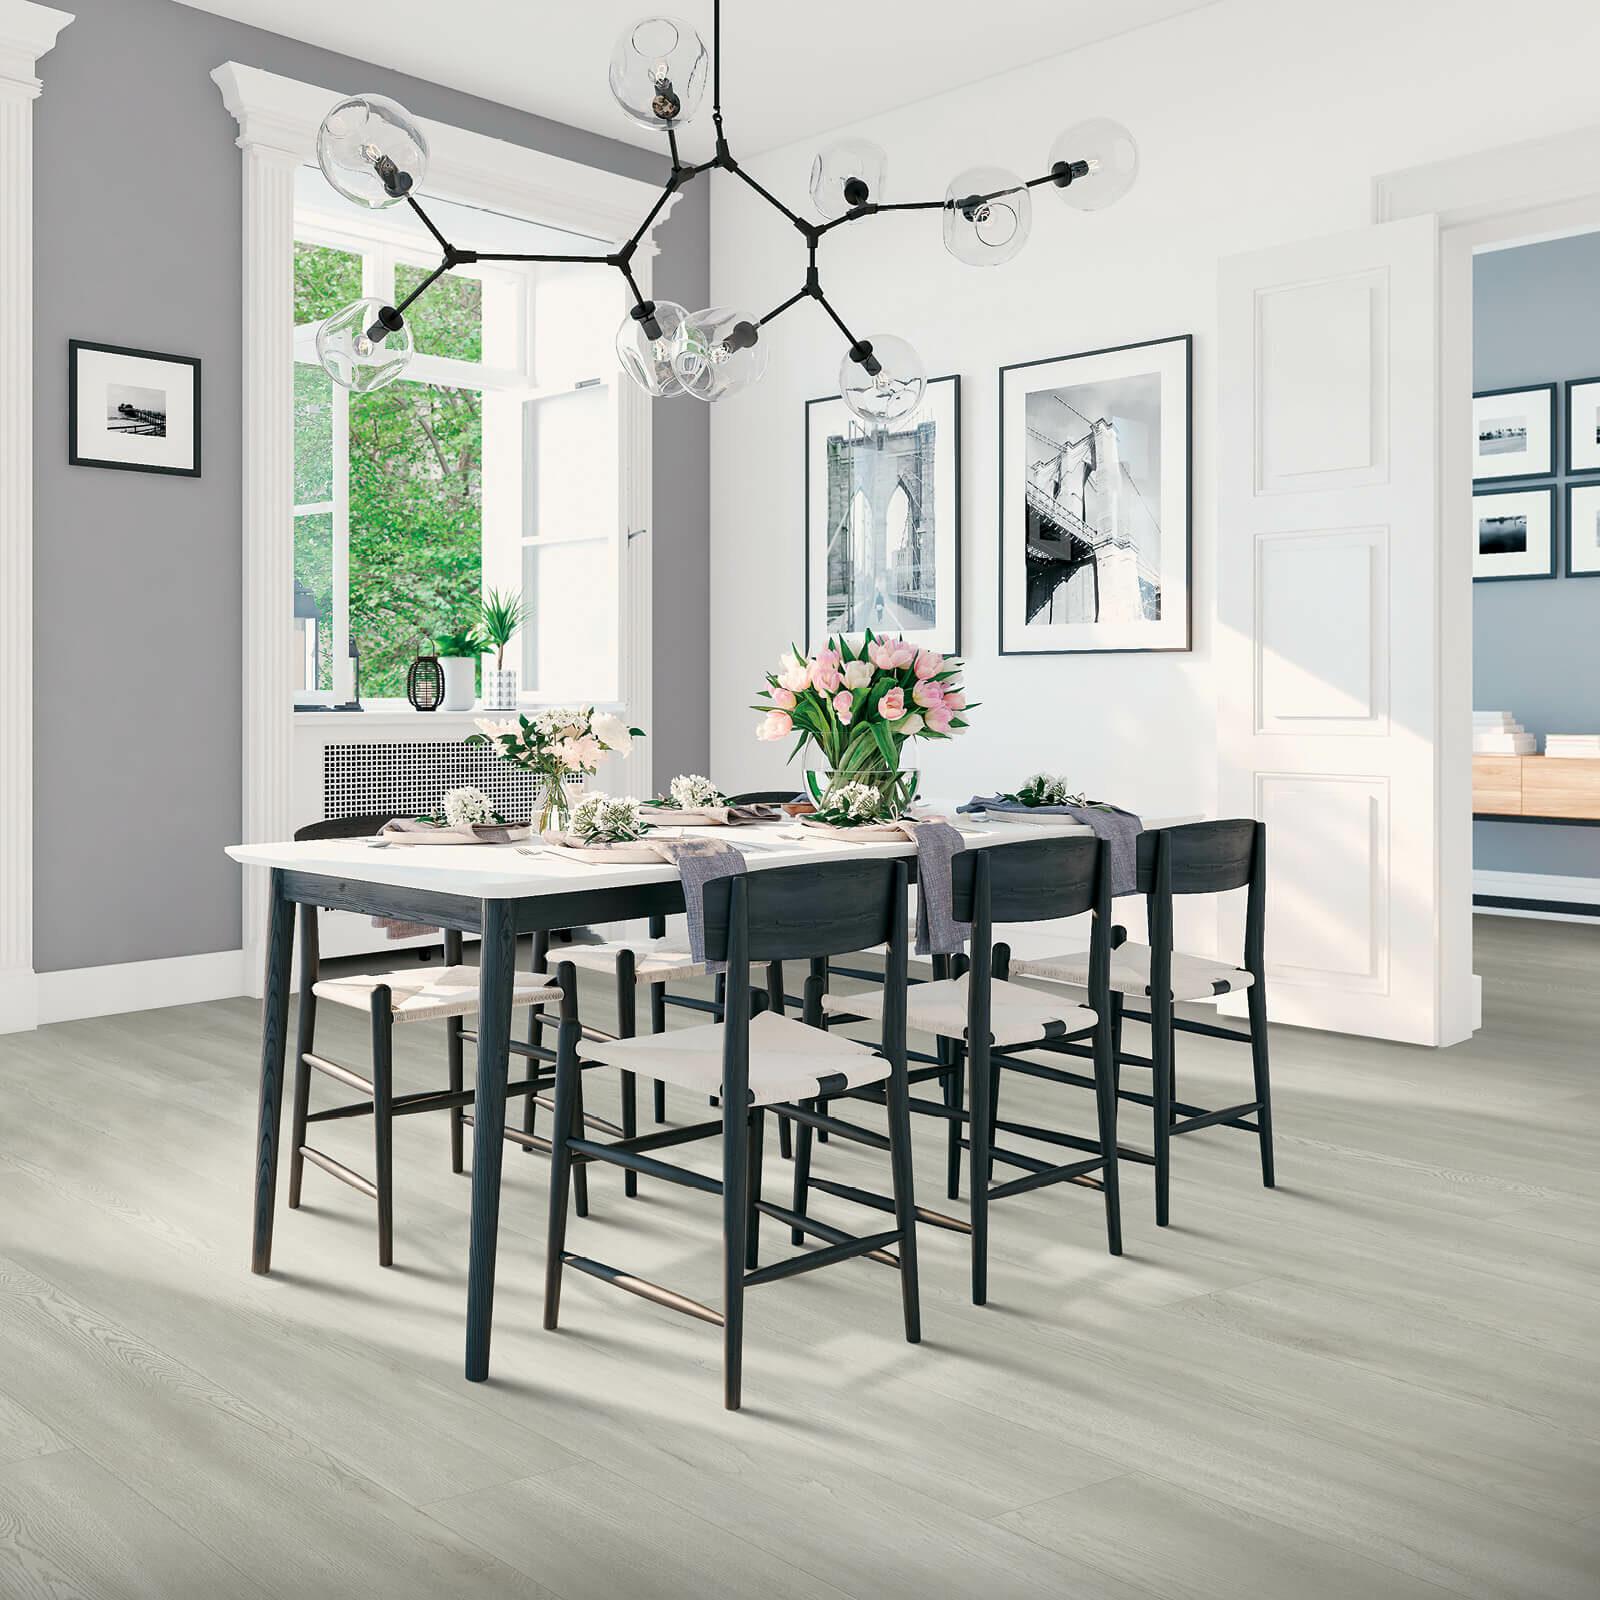 Dining room interior   Vic's Carpet & Flooring